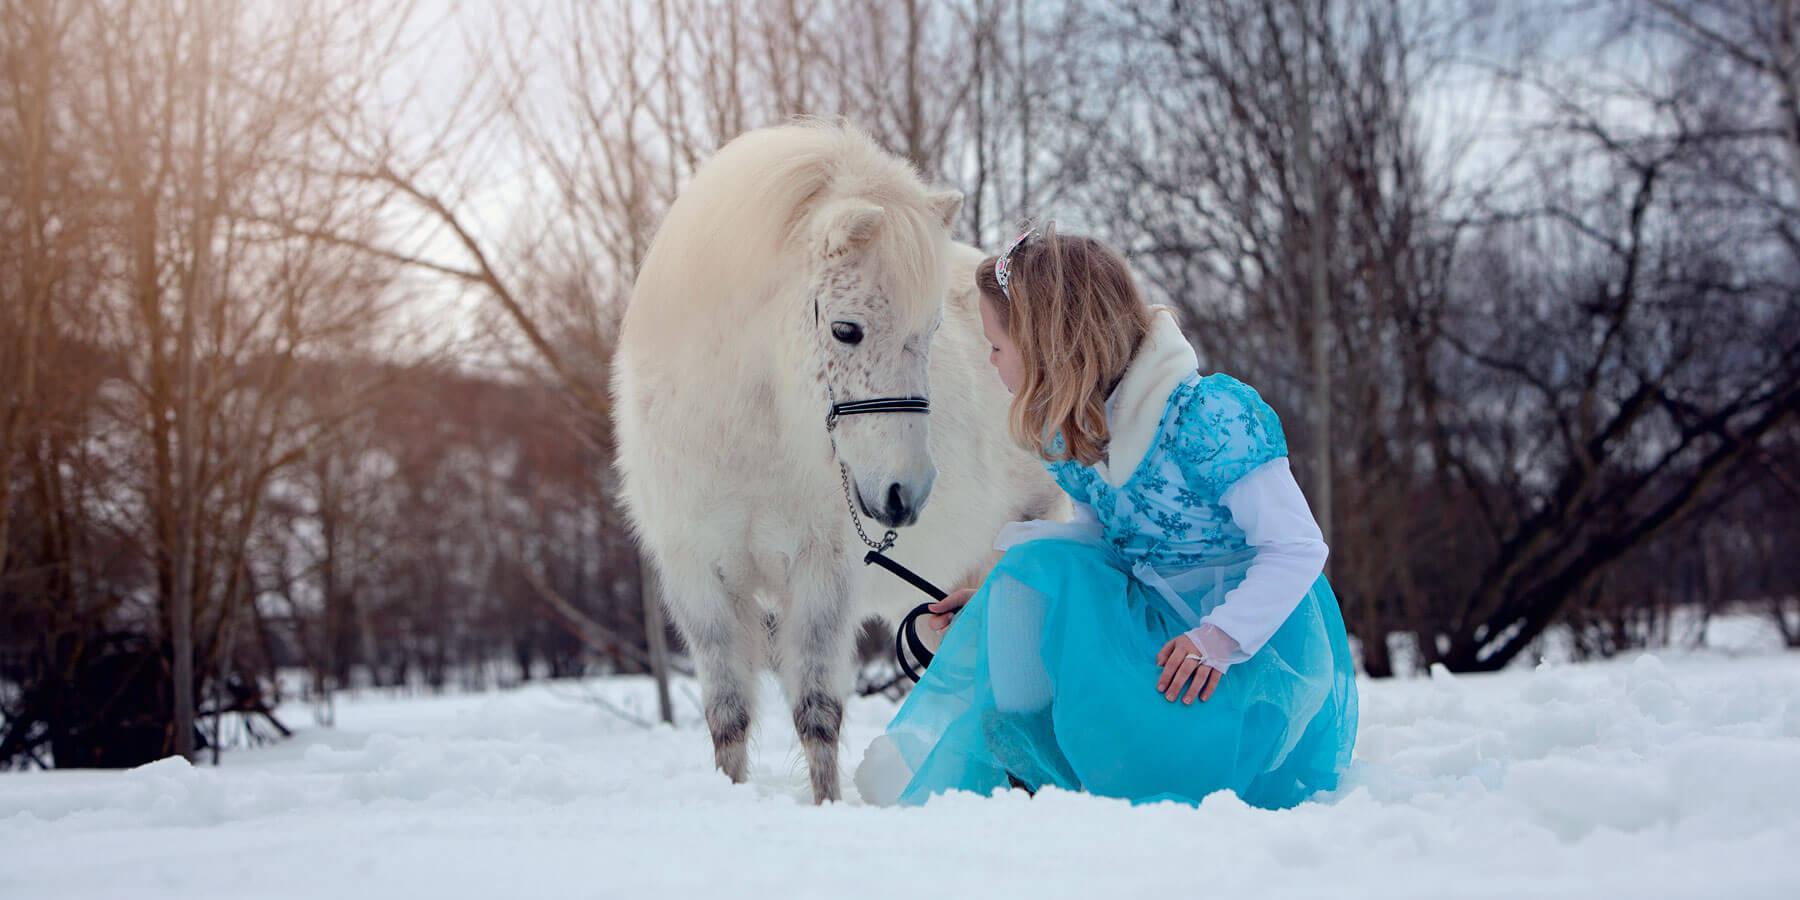 Amerikanische Miniaturpferde zu verkaufen